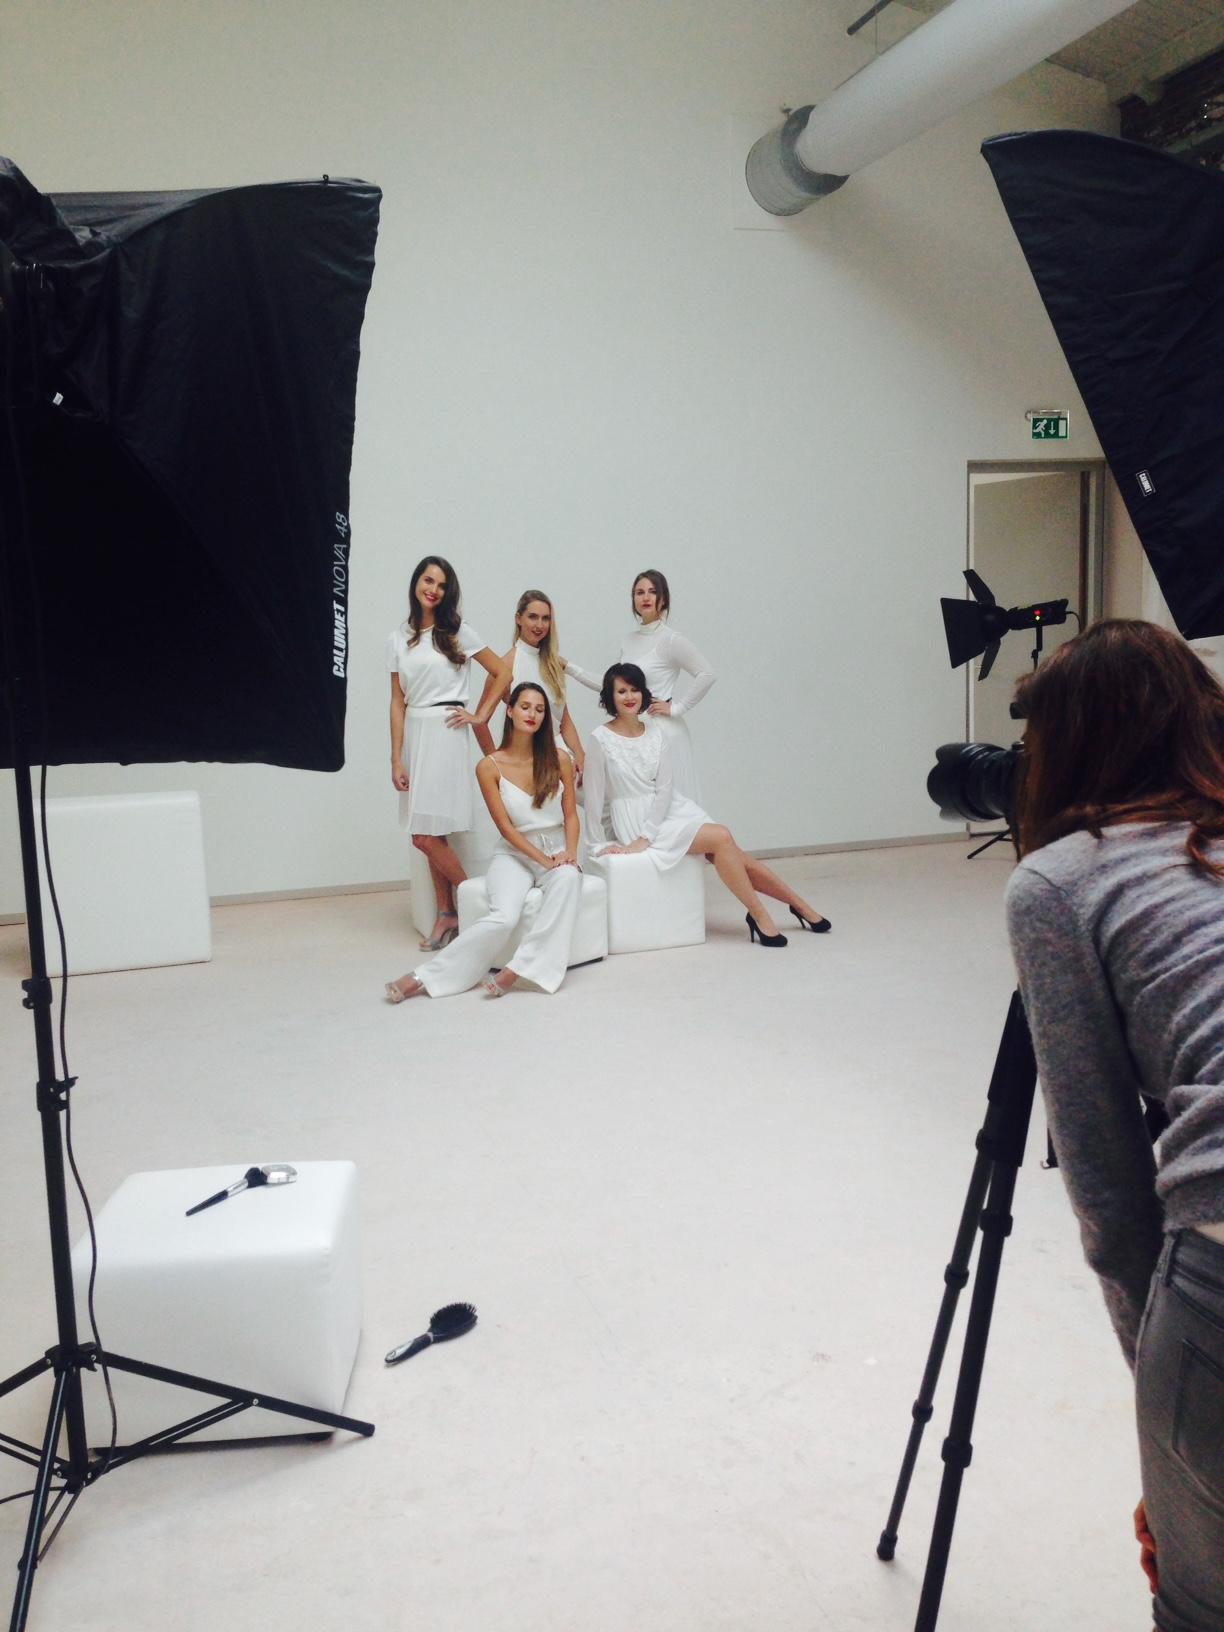 En vervolgens met de andere 4 blogger modellen uit mijn groep. We zijn later gephotoshopt aan de foto van de andere 5 modellen. Fotograaf en visagist hadden hun handen al vol aan 5 meiden tegelijk. 10 tegelijk zou te heftig zijn vermoed ik ;-)